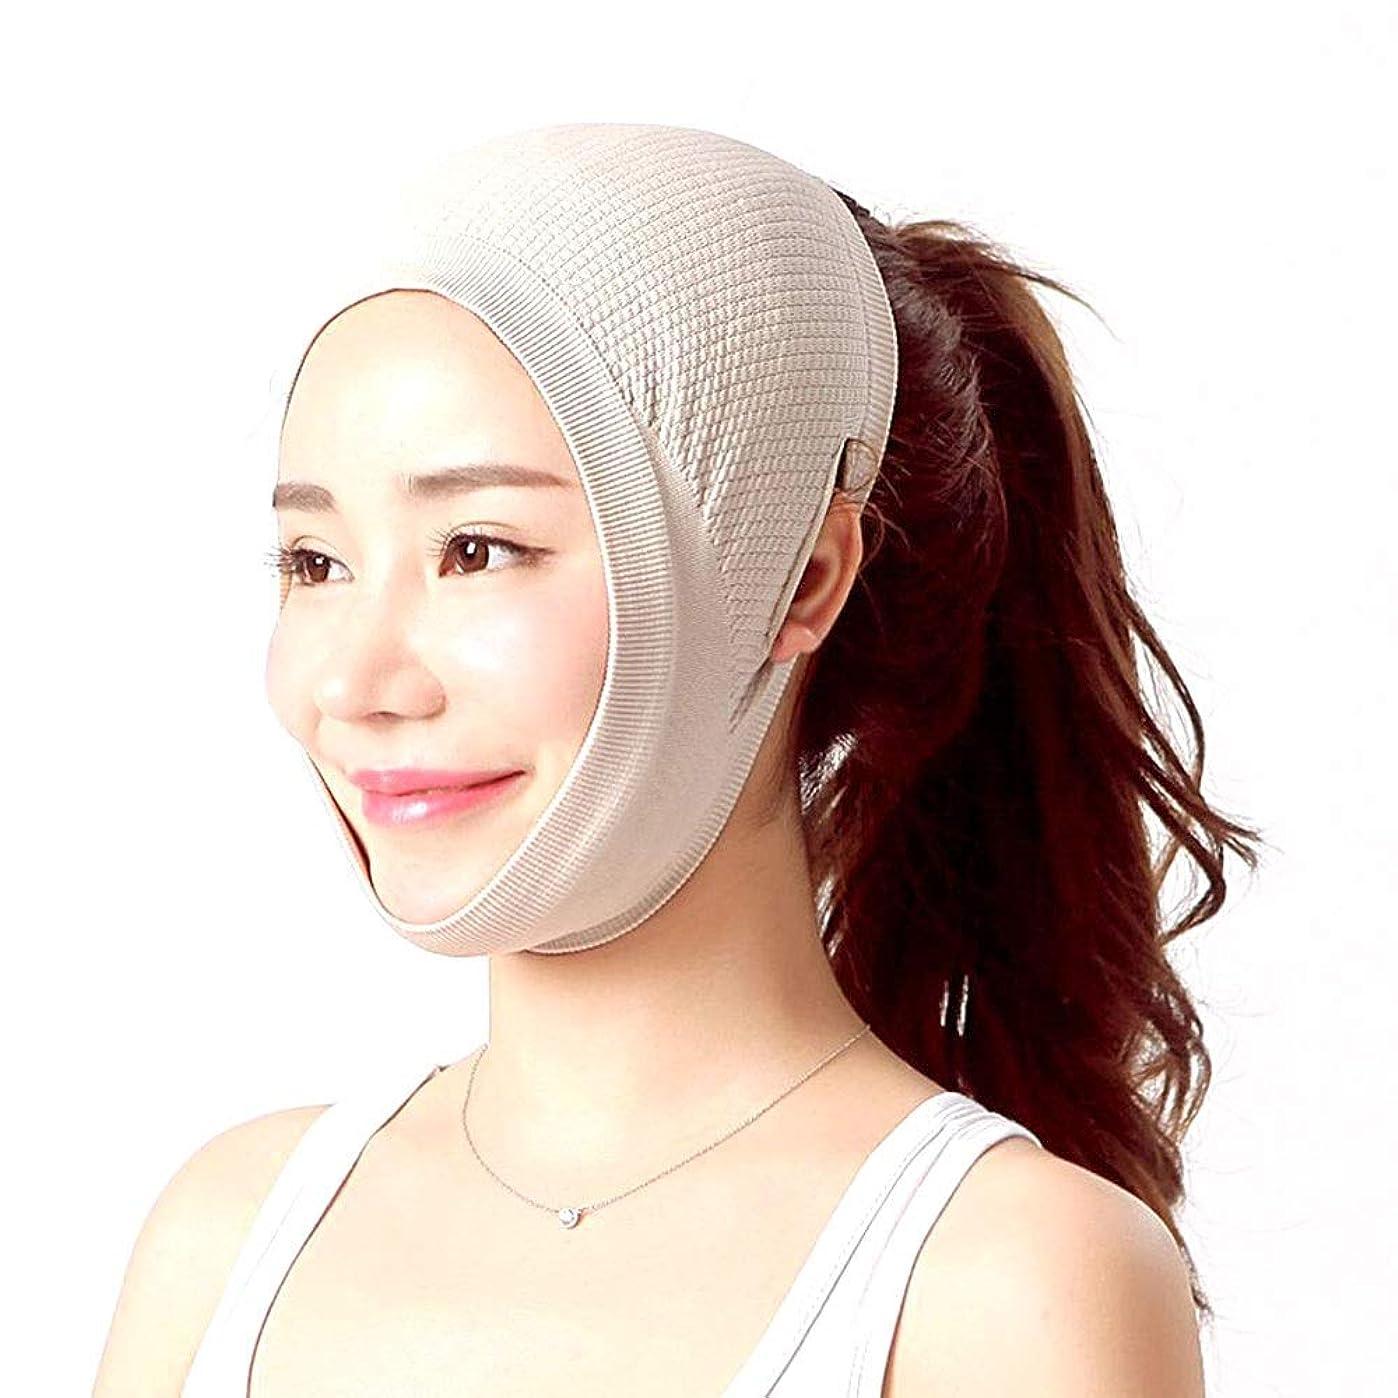 通りレルムまろやかなMinmin フェイスリフティングアーティファクト包帯ライン術後回復包帯リフティングフェイスフードVフェイス包帯リフティングVフェイス美容マスク - 肌のトーン みんみんVラインフェイスマスク